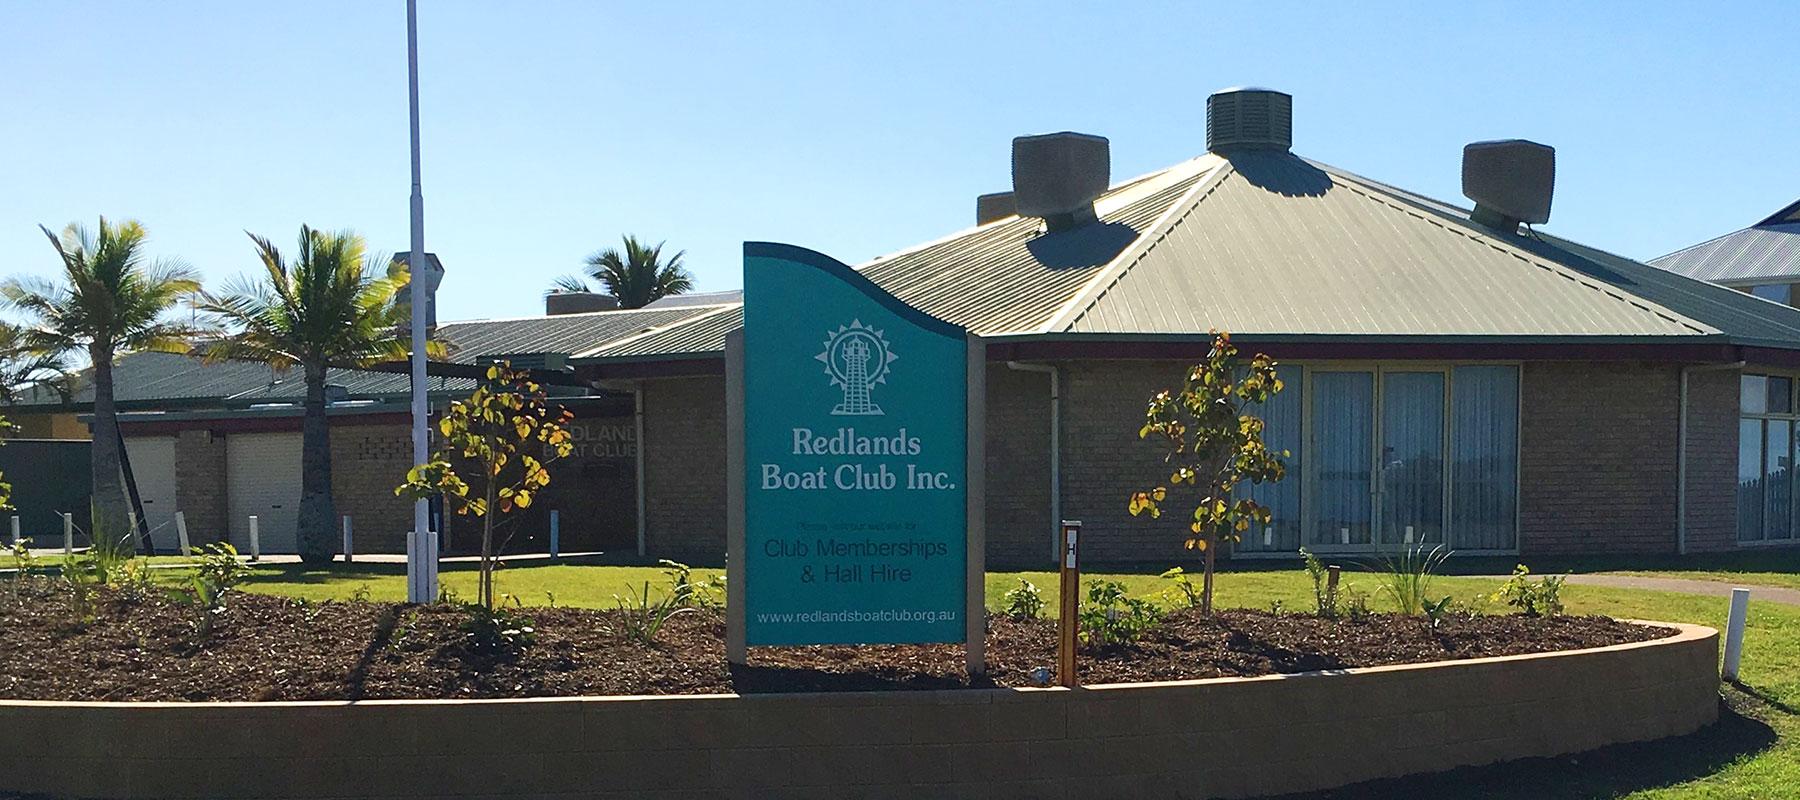 Redlands Boat Club